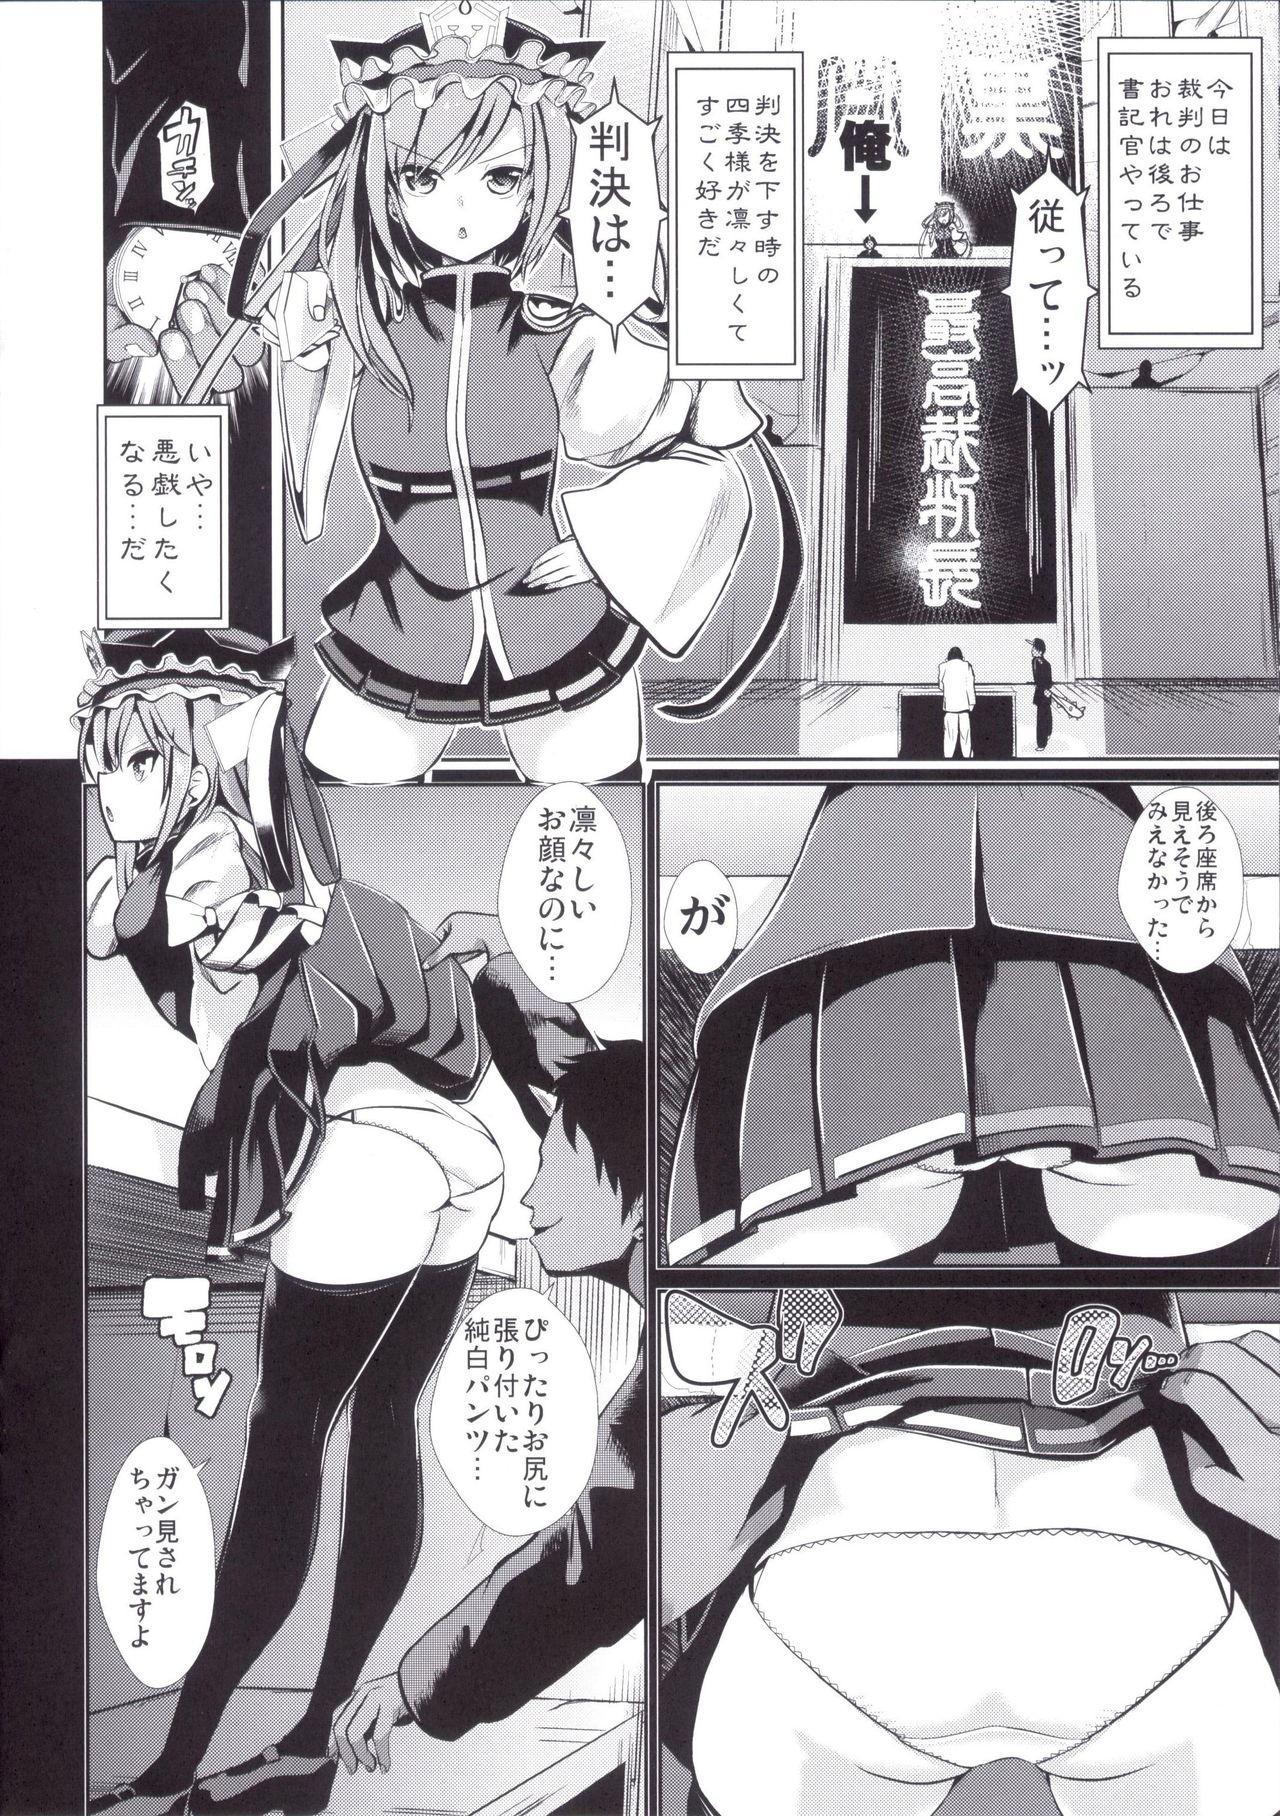 Touhou Jikan 15 Shiki Eiki Yamaxanadu 13